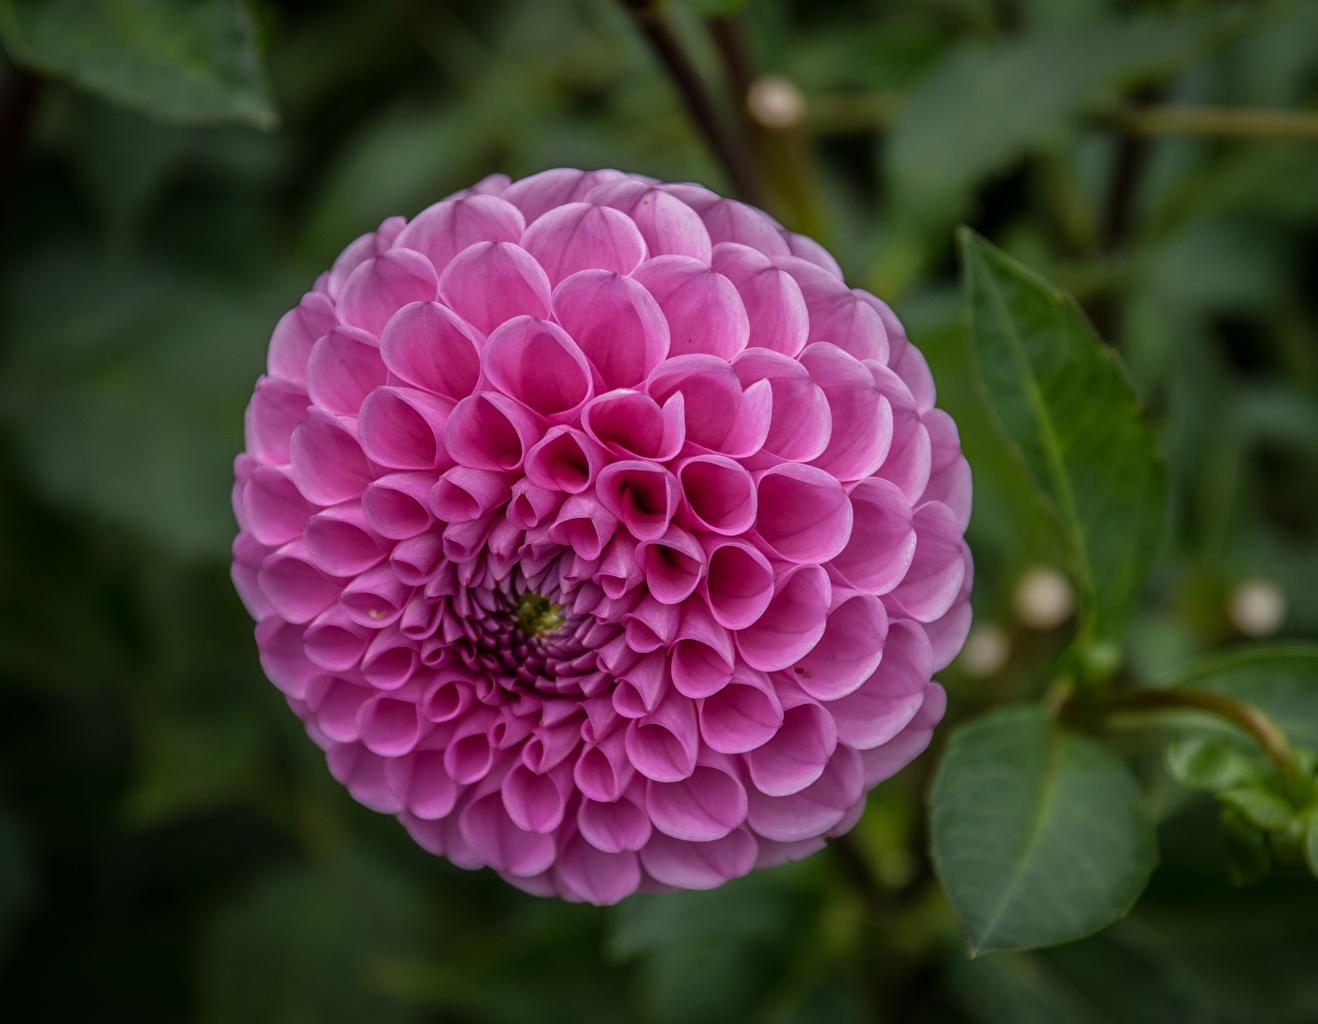 Fotos von Kreise Rosa Farbe Blumen Dahlien Nahaufnahme Kreis Blüte Georginen hautnah Großansicht